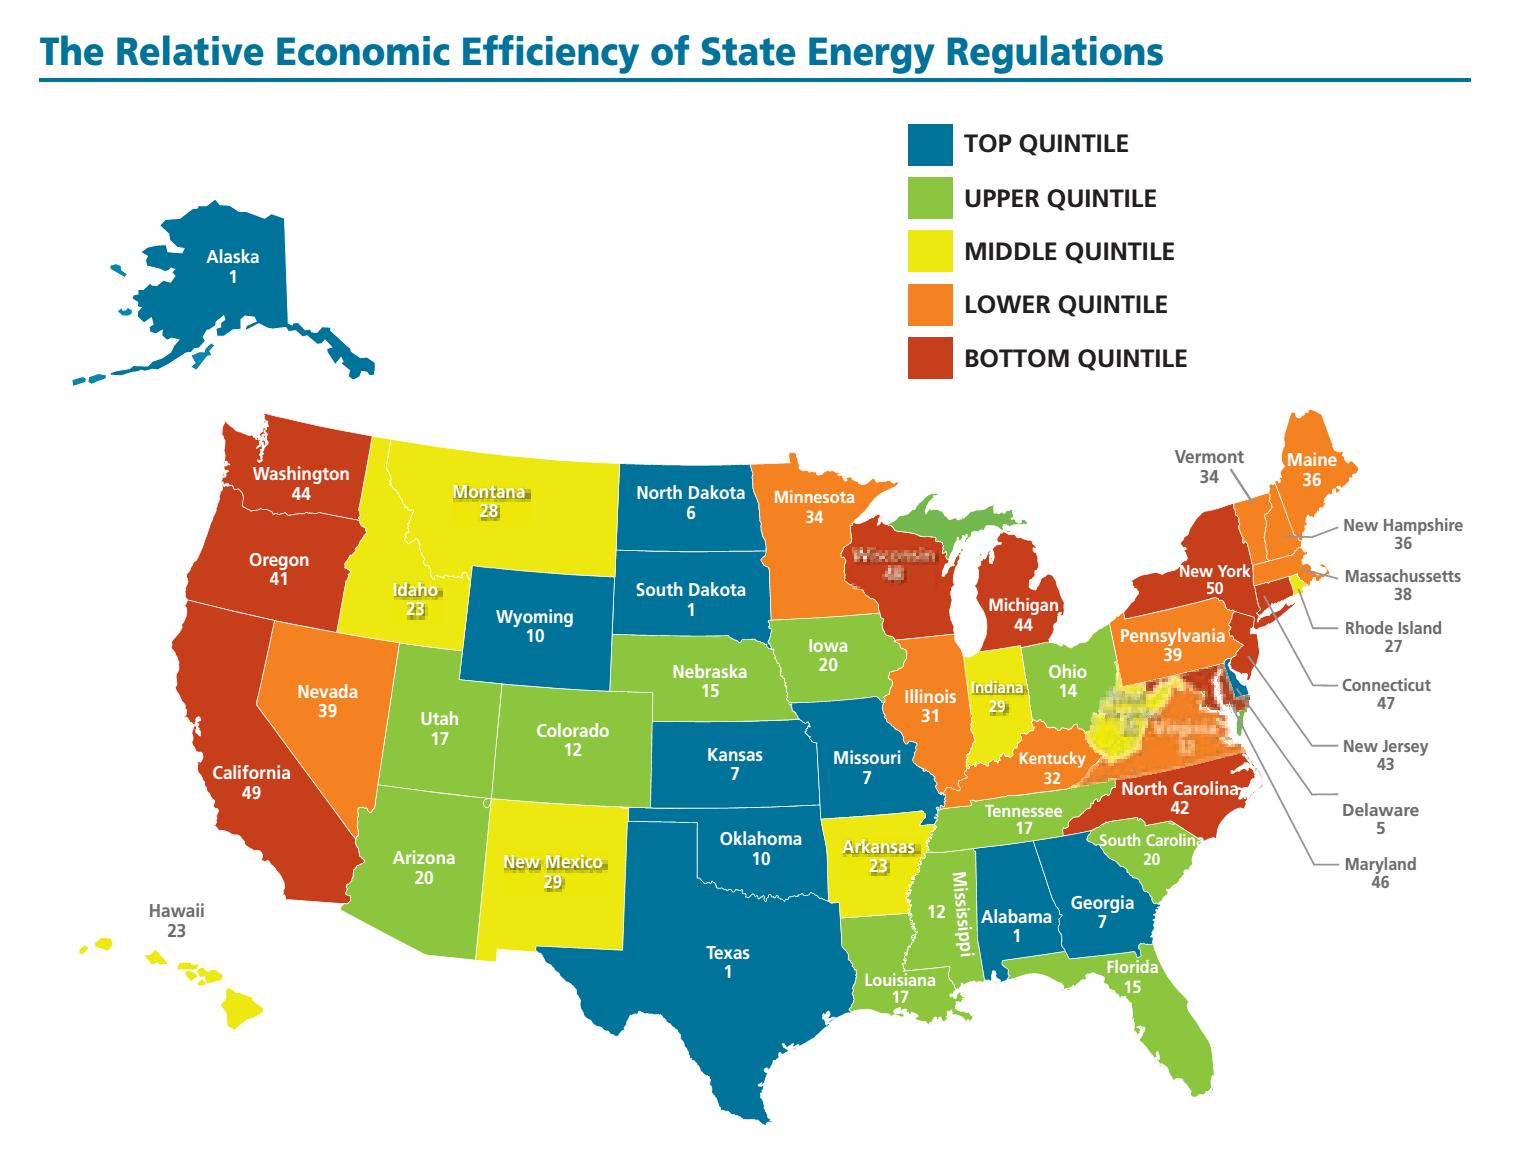 La eficiencia económica relativa de las regulaciones energéticas de cada Estado.